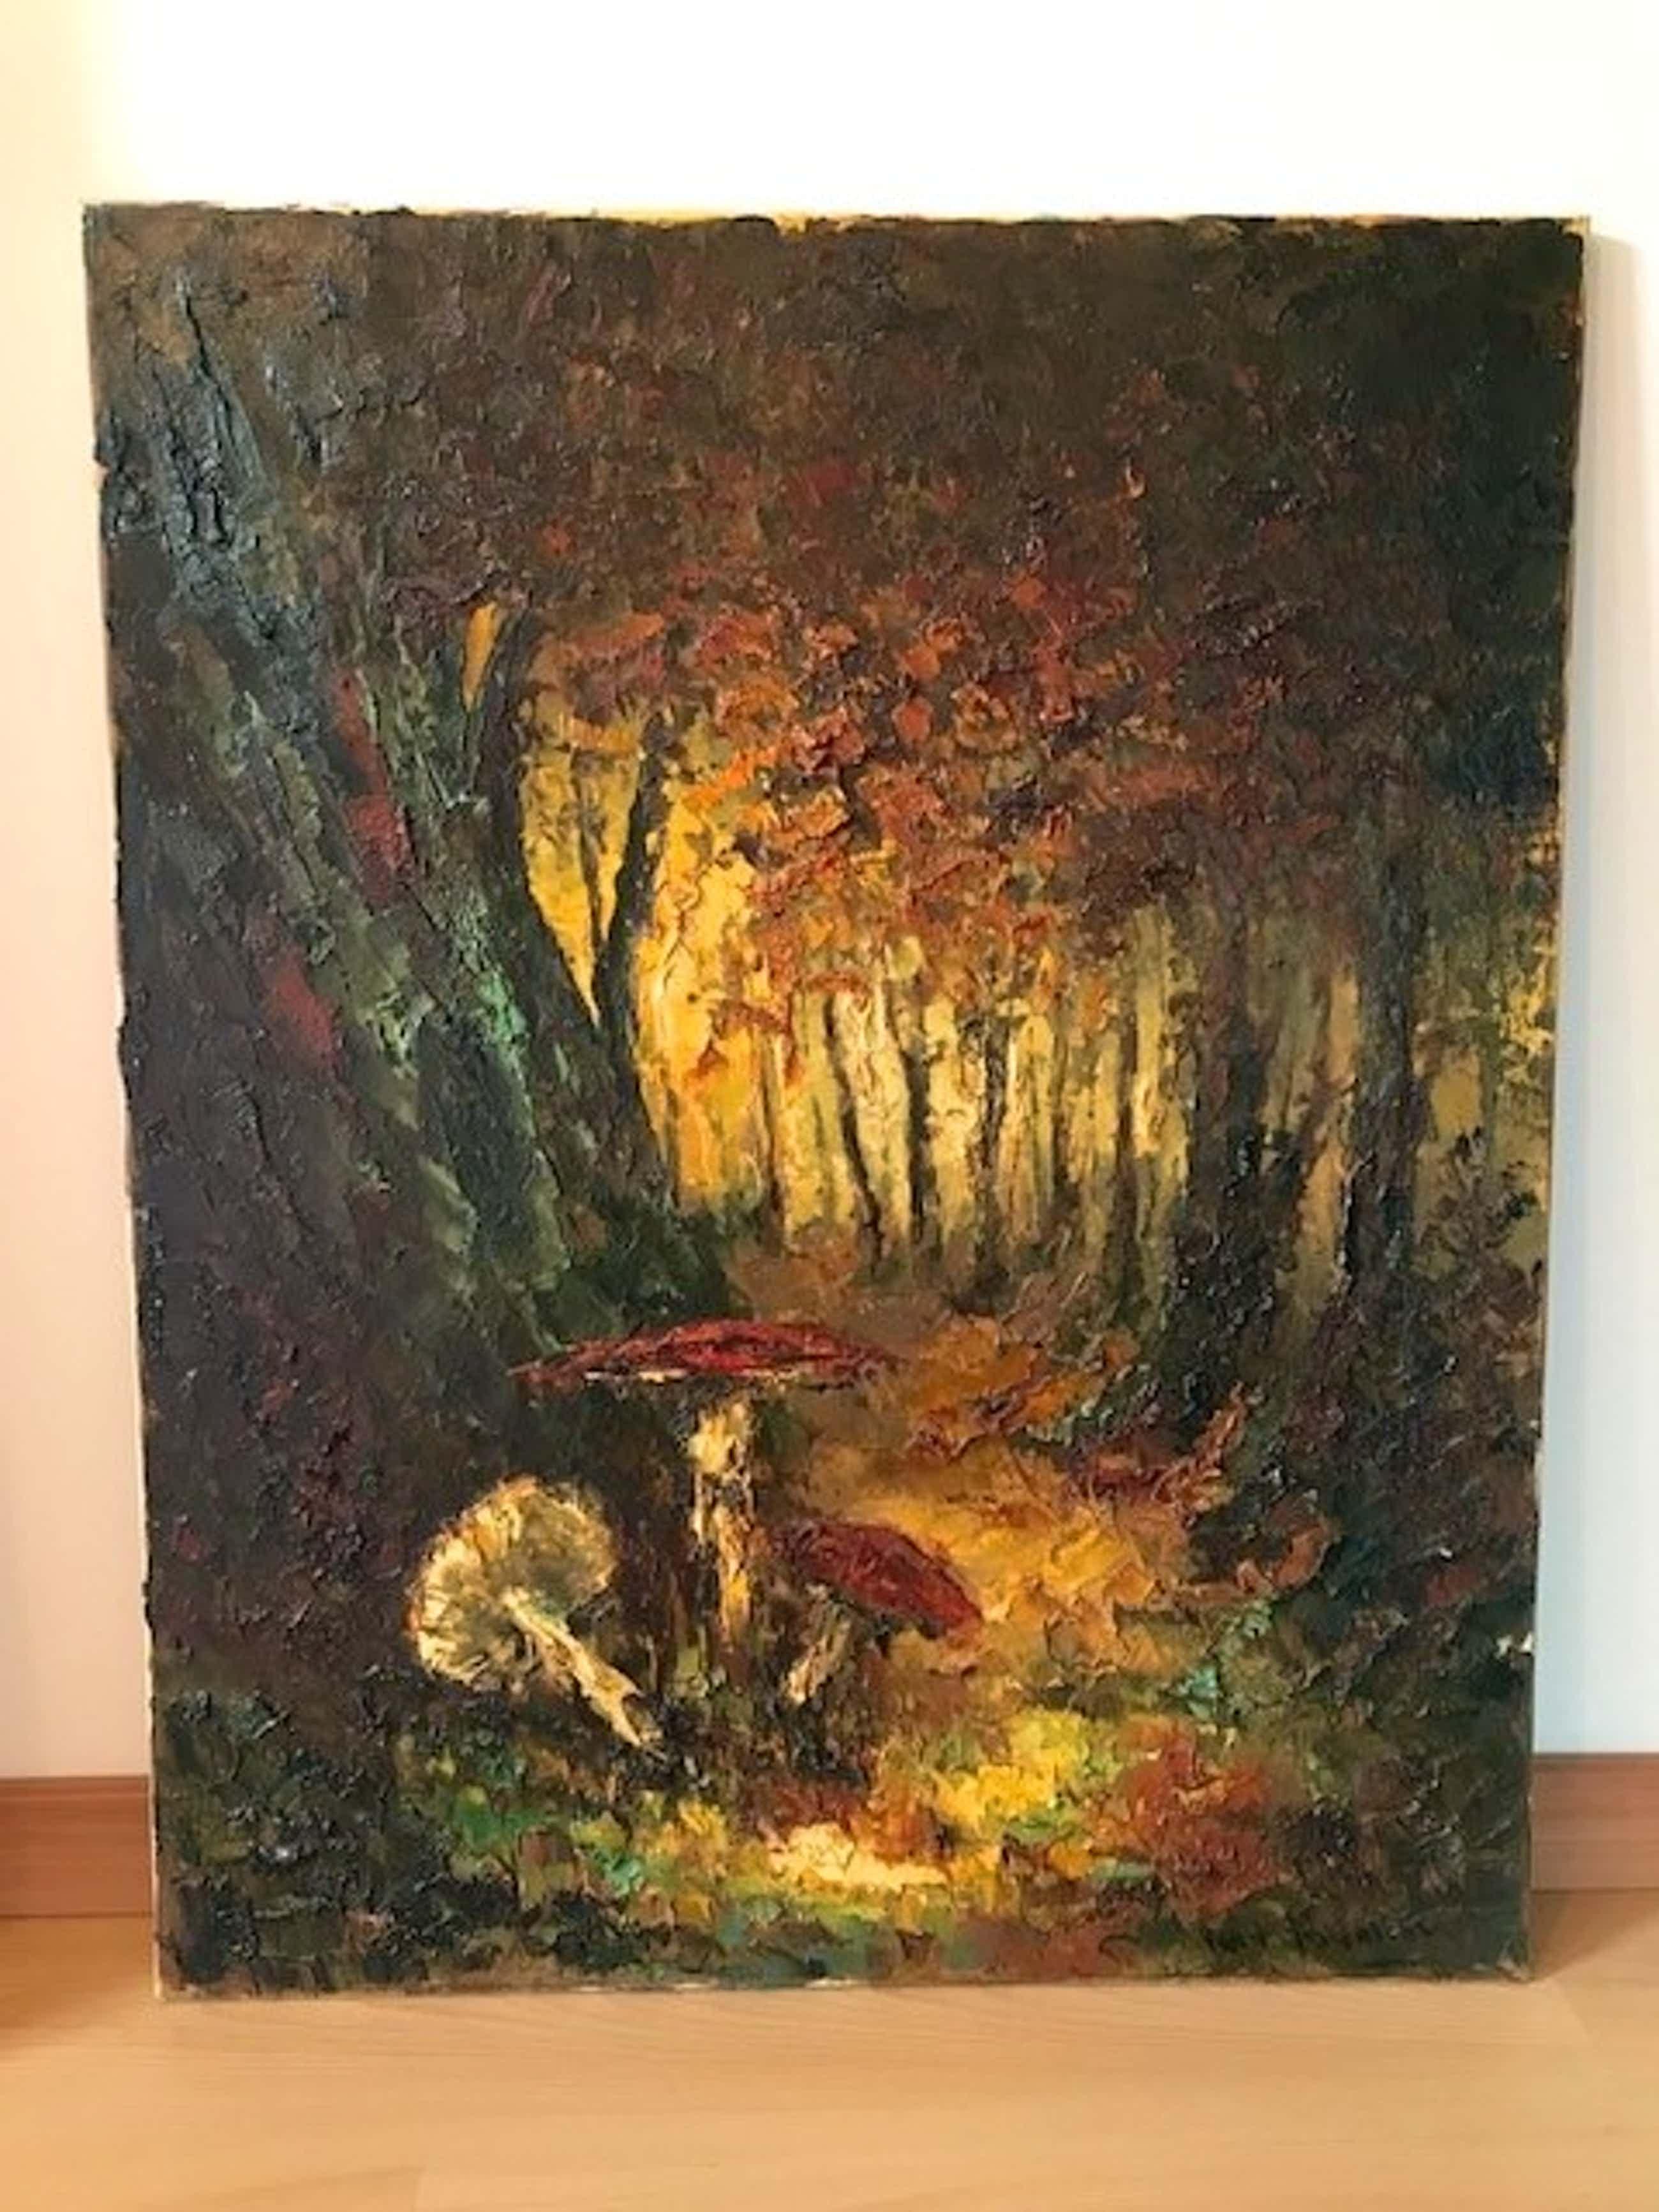 Peter Brouwer - Padestoelen in het bos olieverf op canvas kopen? Bied vanaf 75!